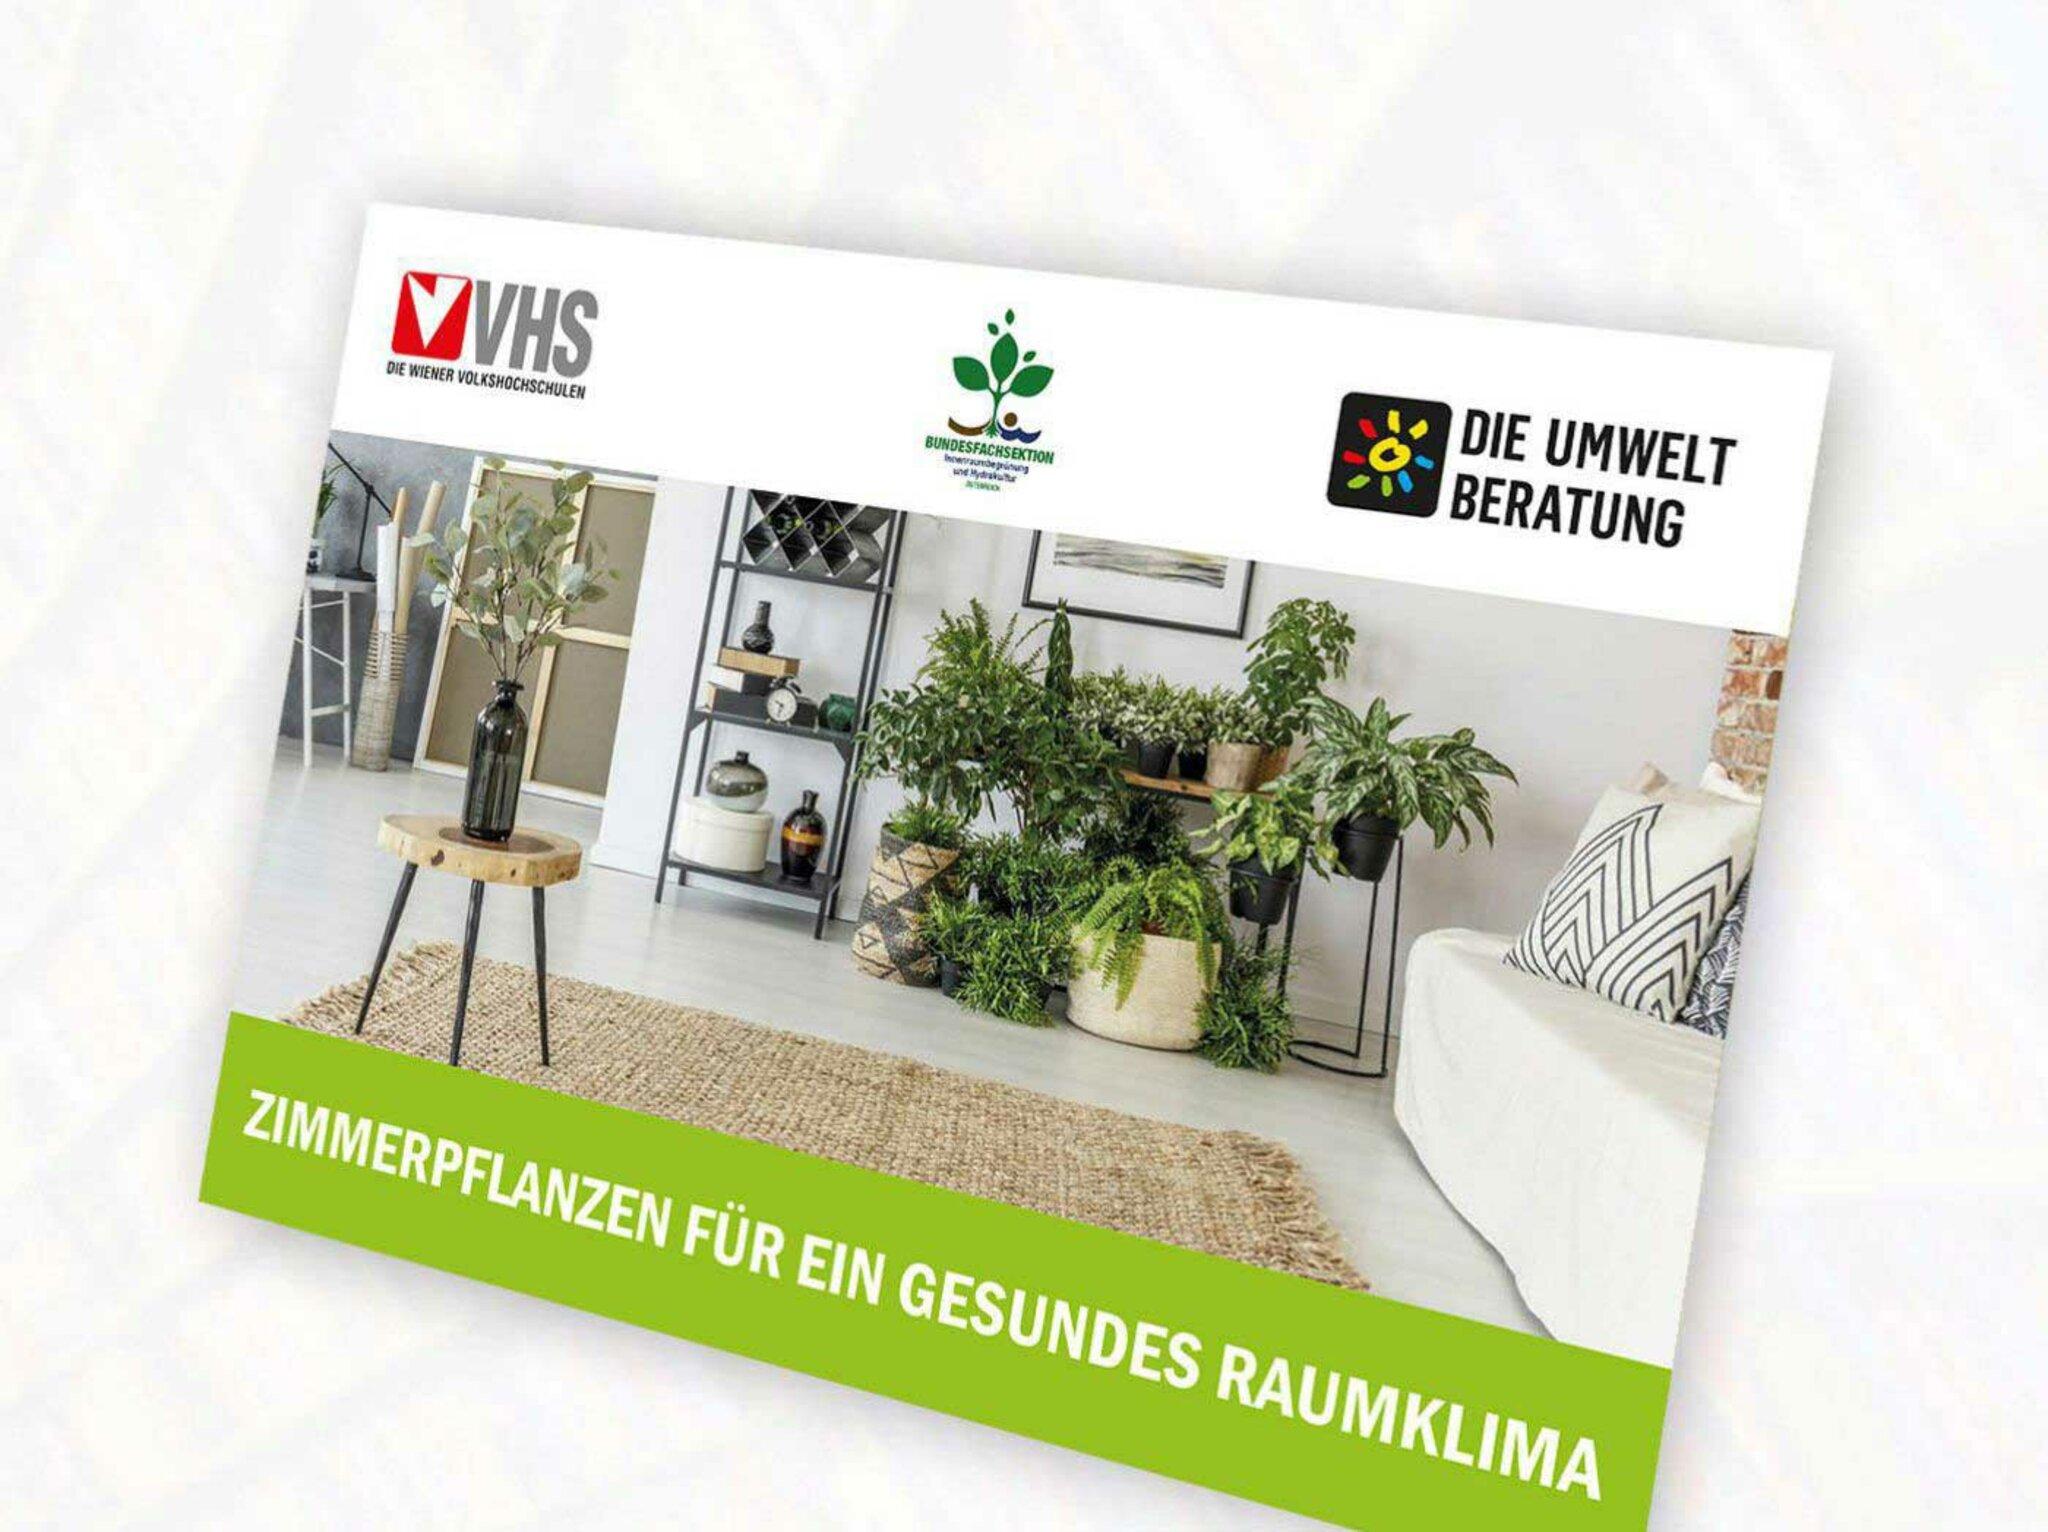 Zimmerpflanzen-Poster